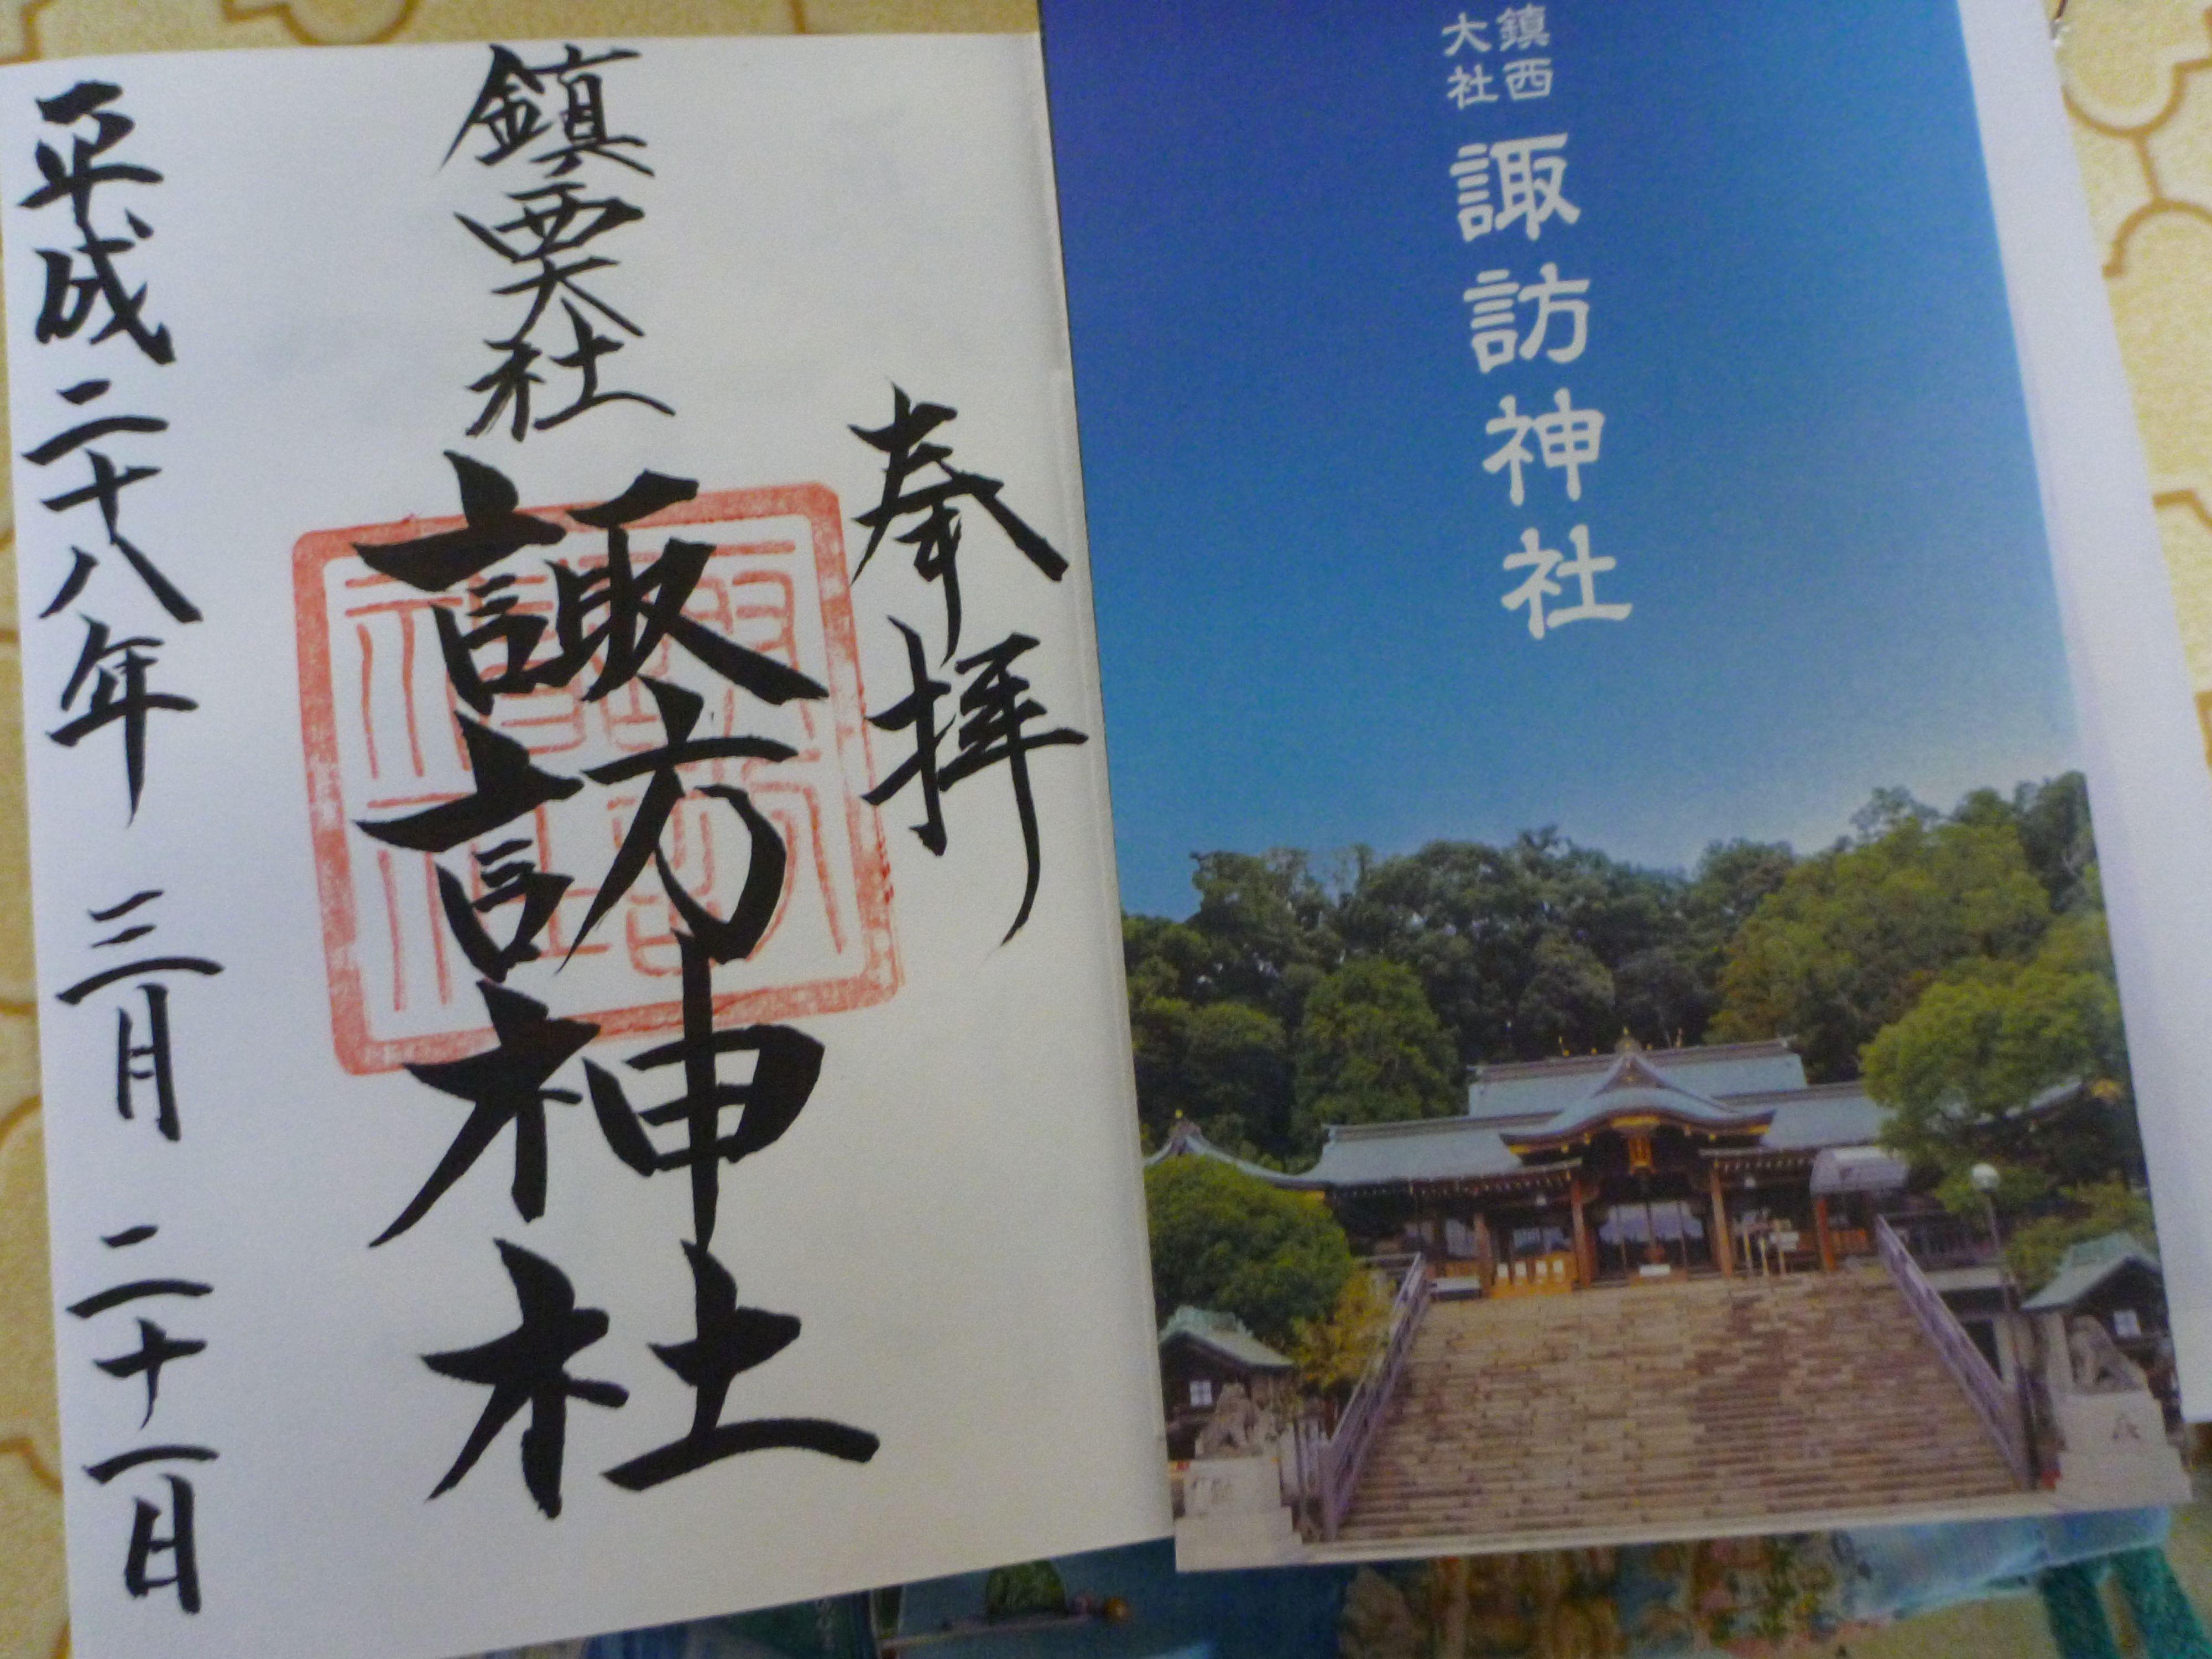 20160320-21長崎旅行29.jpg